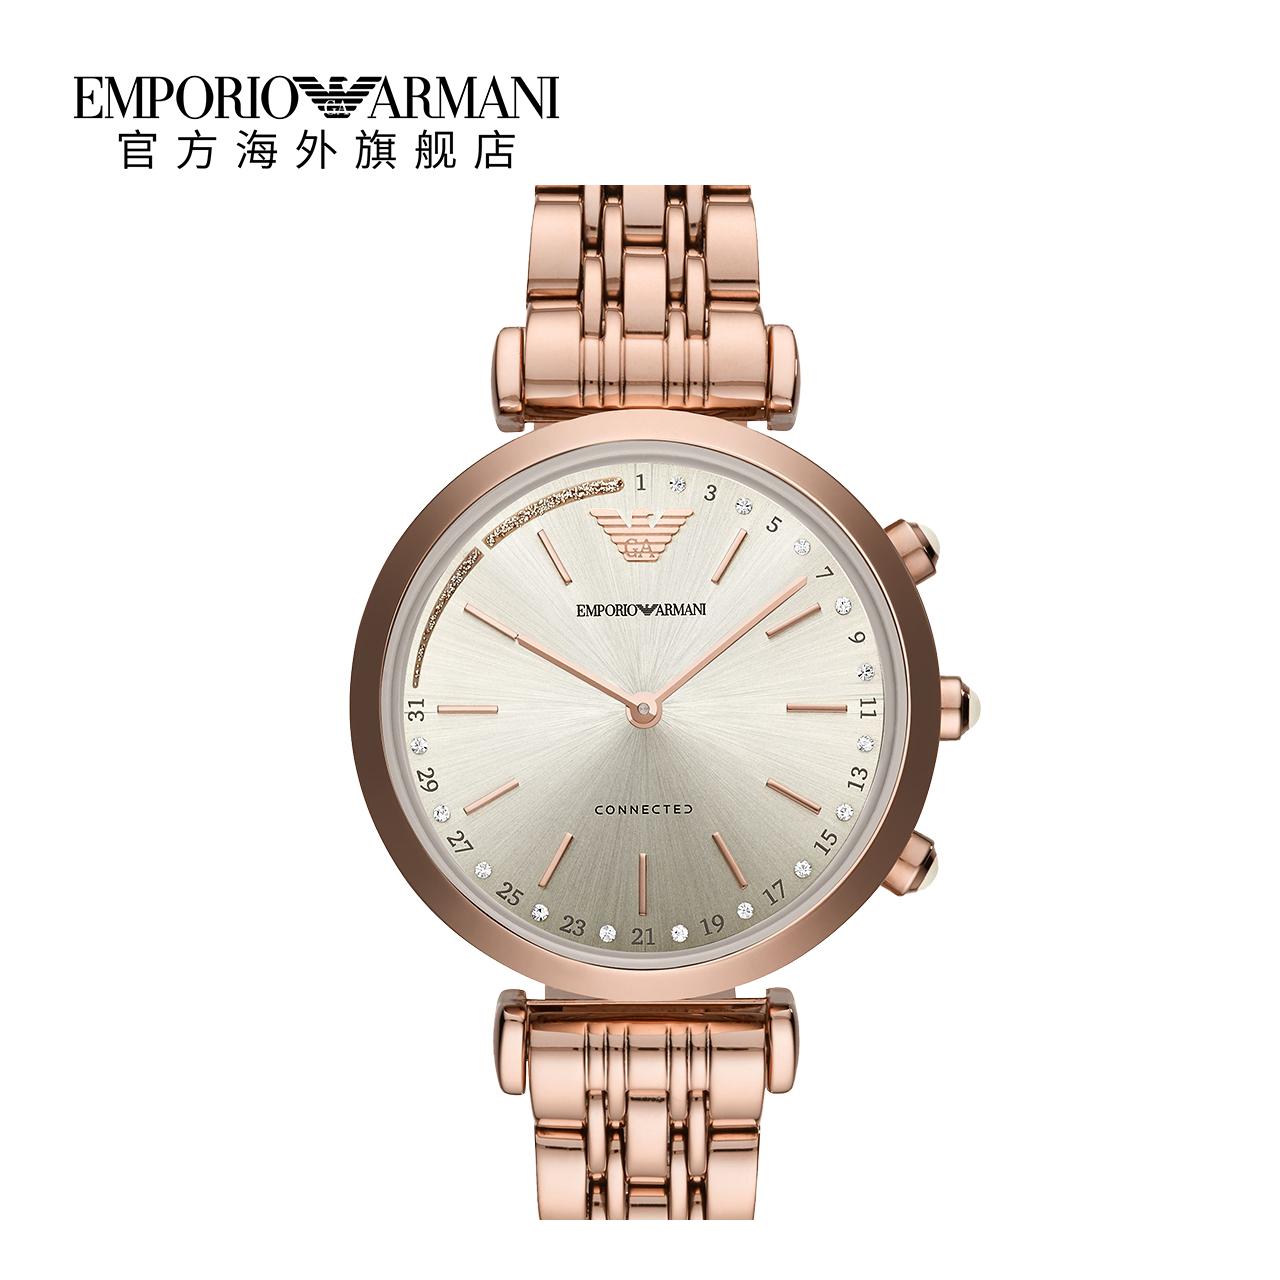 【官方】Armani阿玛尼时尚气质女士手表 时尚钢带智能手表ART3026